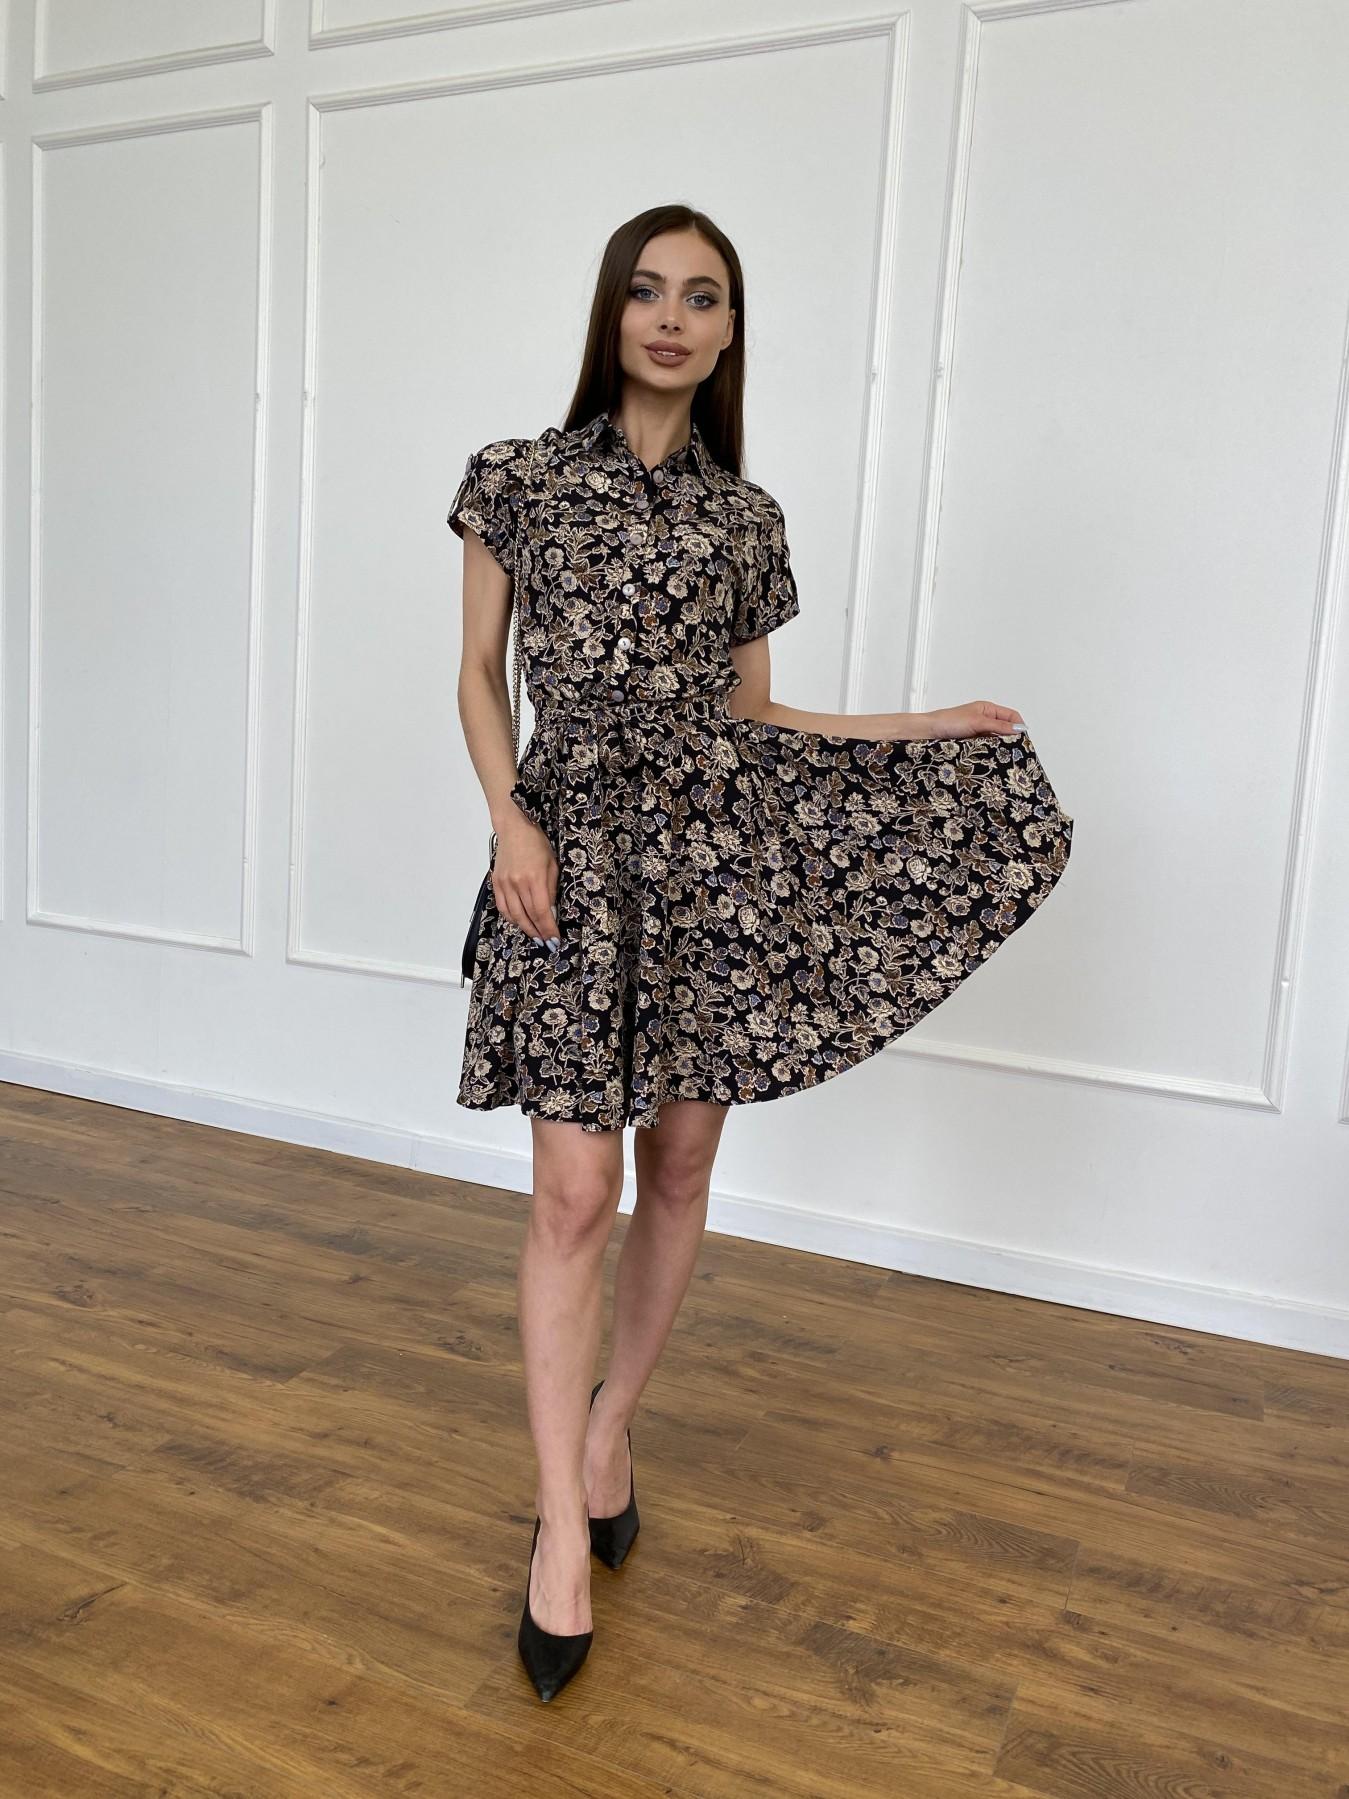 Санжар платье из ткани софт в принт 11215 АРТ. 47726 Цвет: Черный/т. беж, Цветы - фото 1, интернет магазин tm-modus.ru